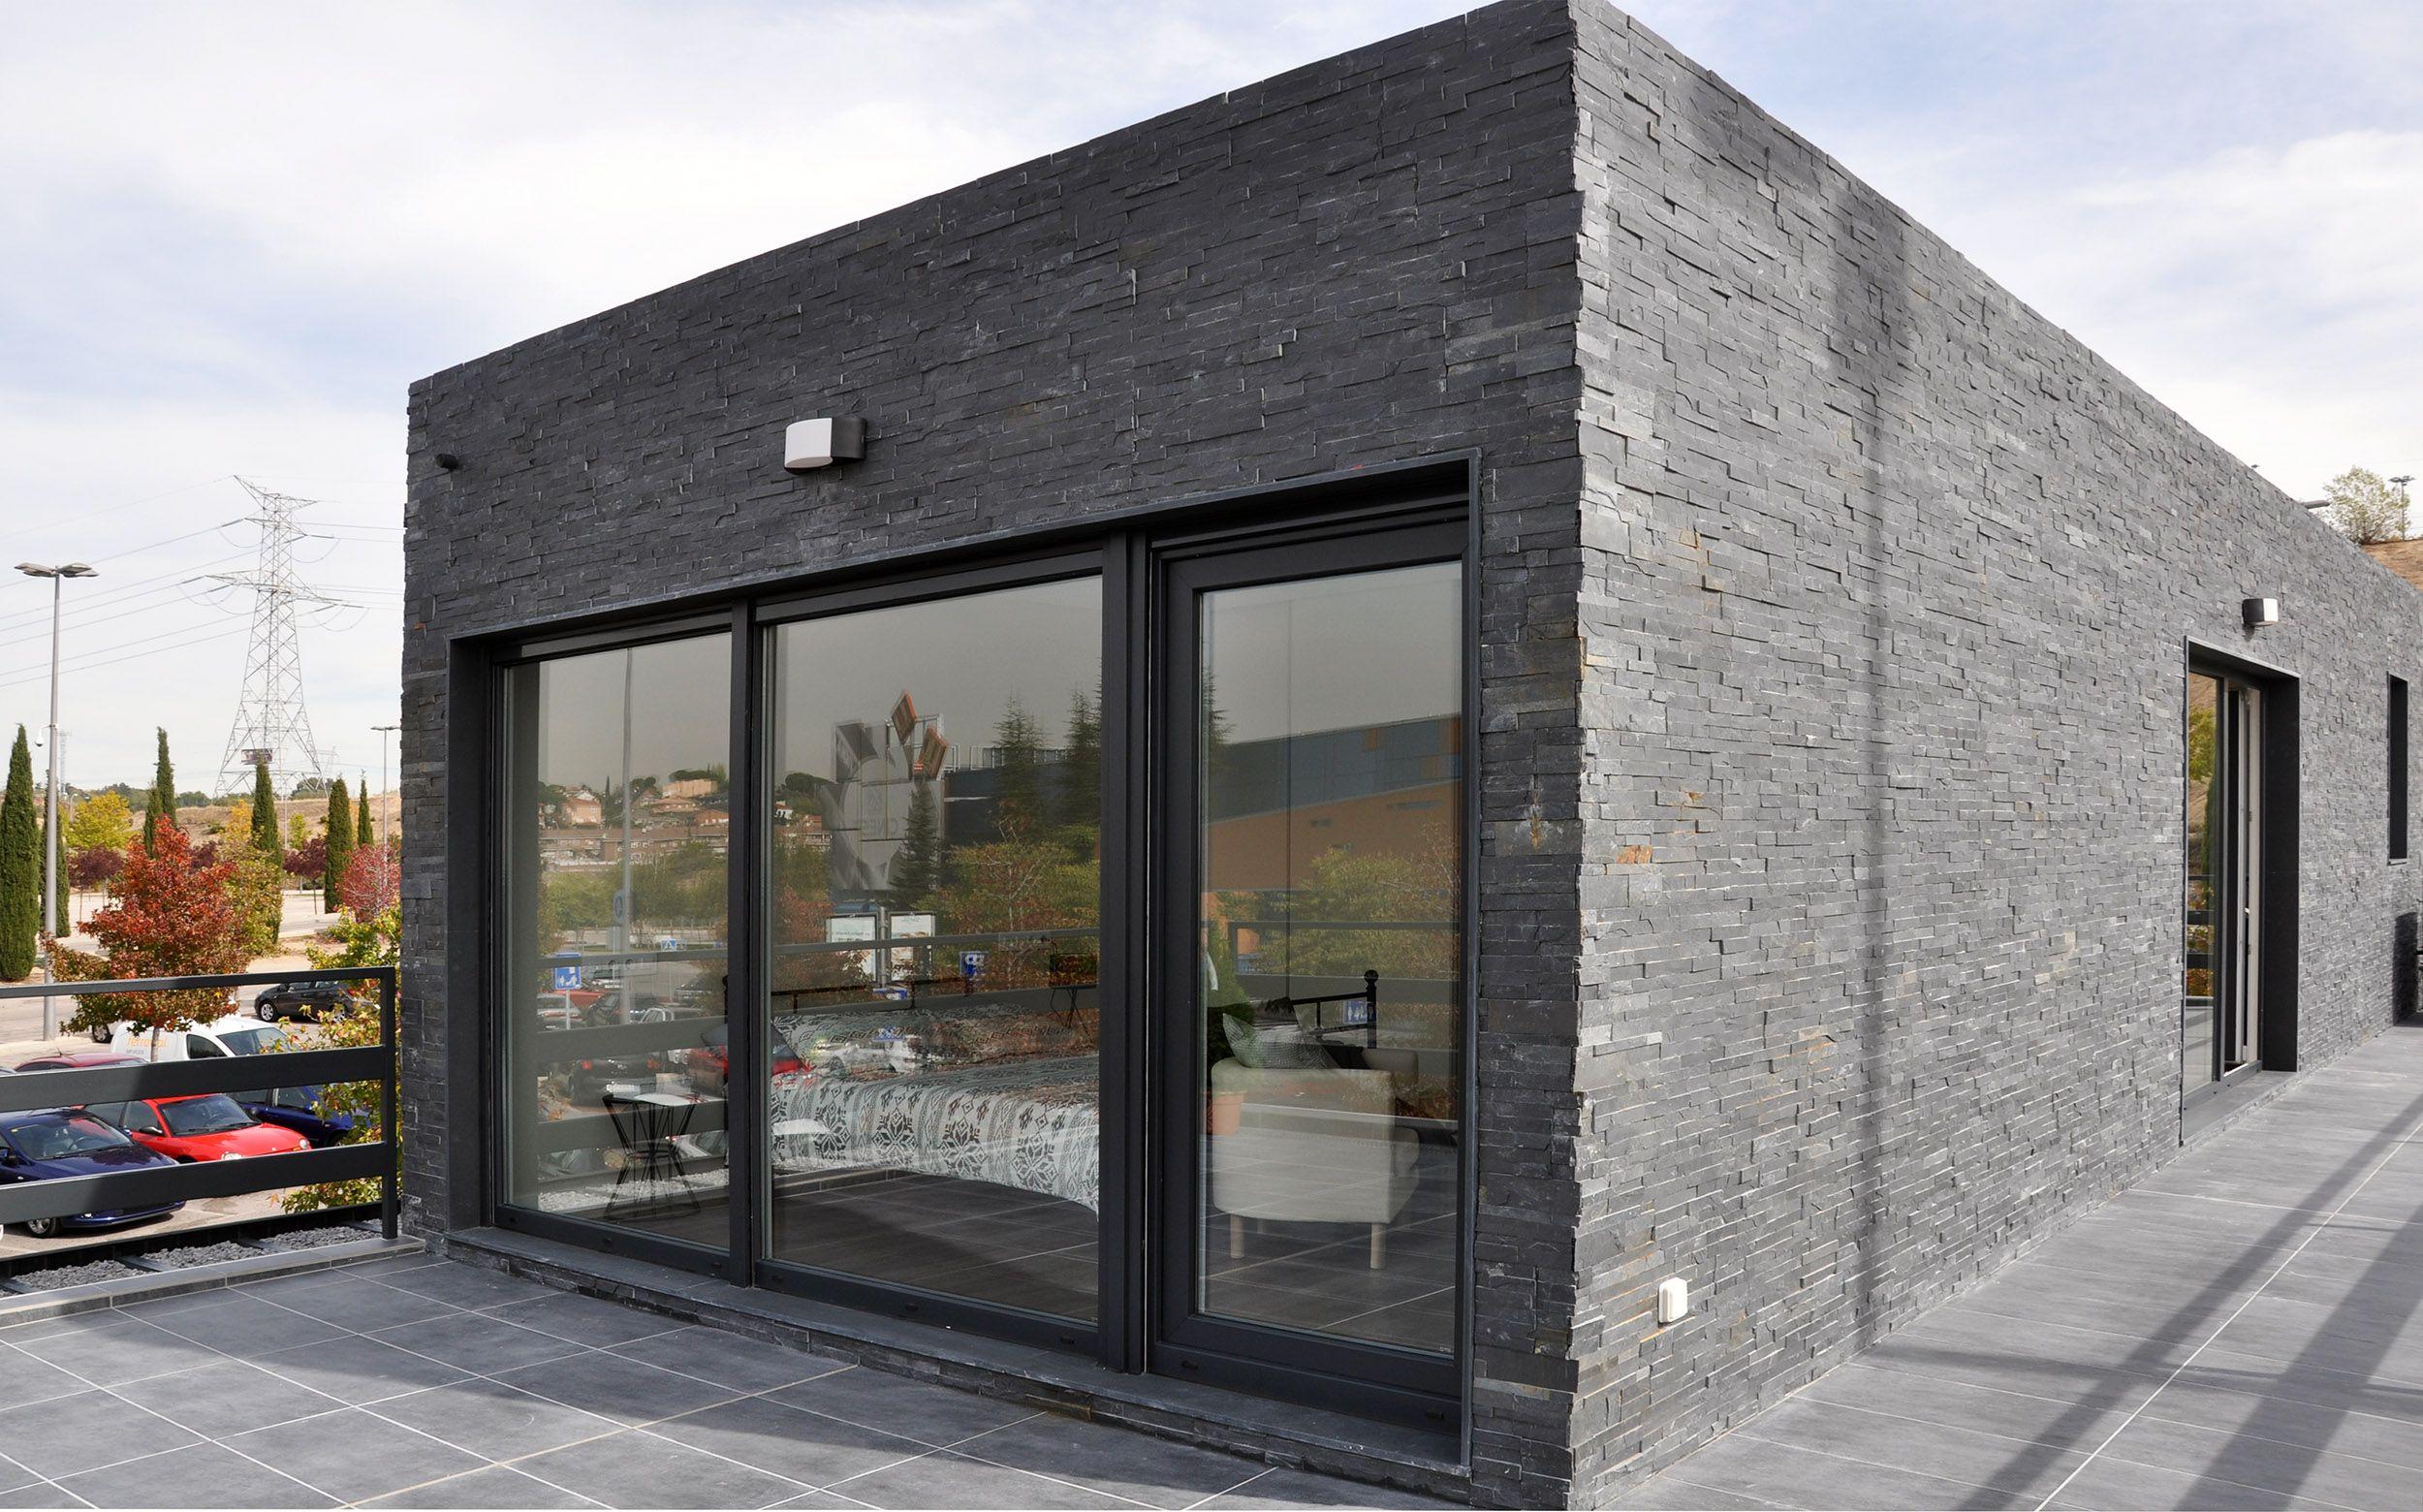 Casas cube inaugura una nueva sede en el c c xanad - Casas cube opiniones ...